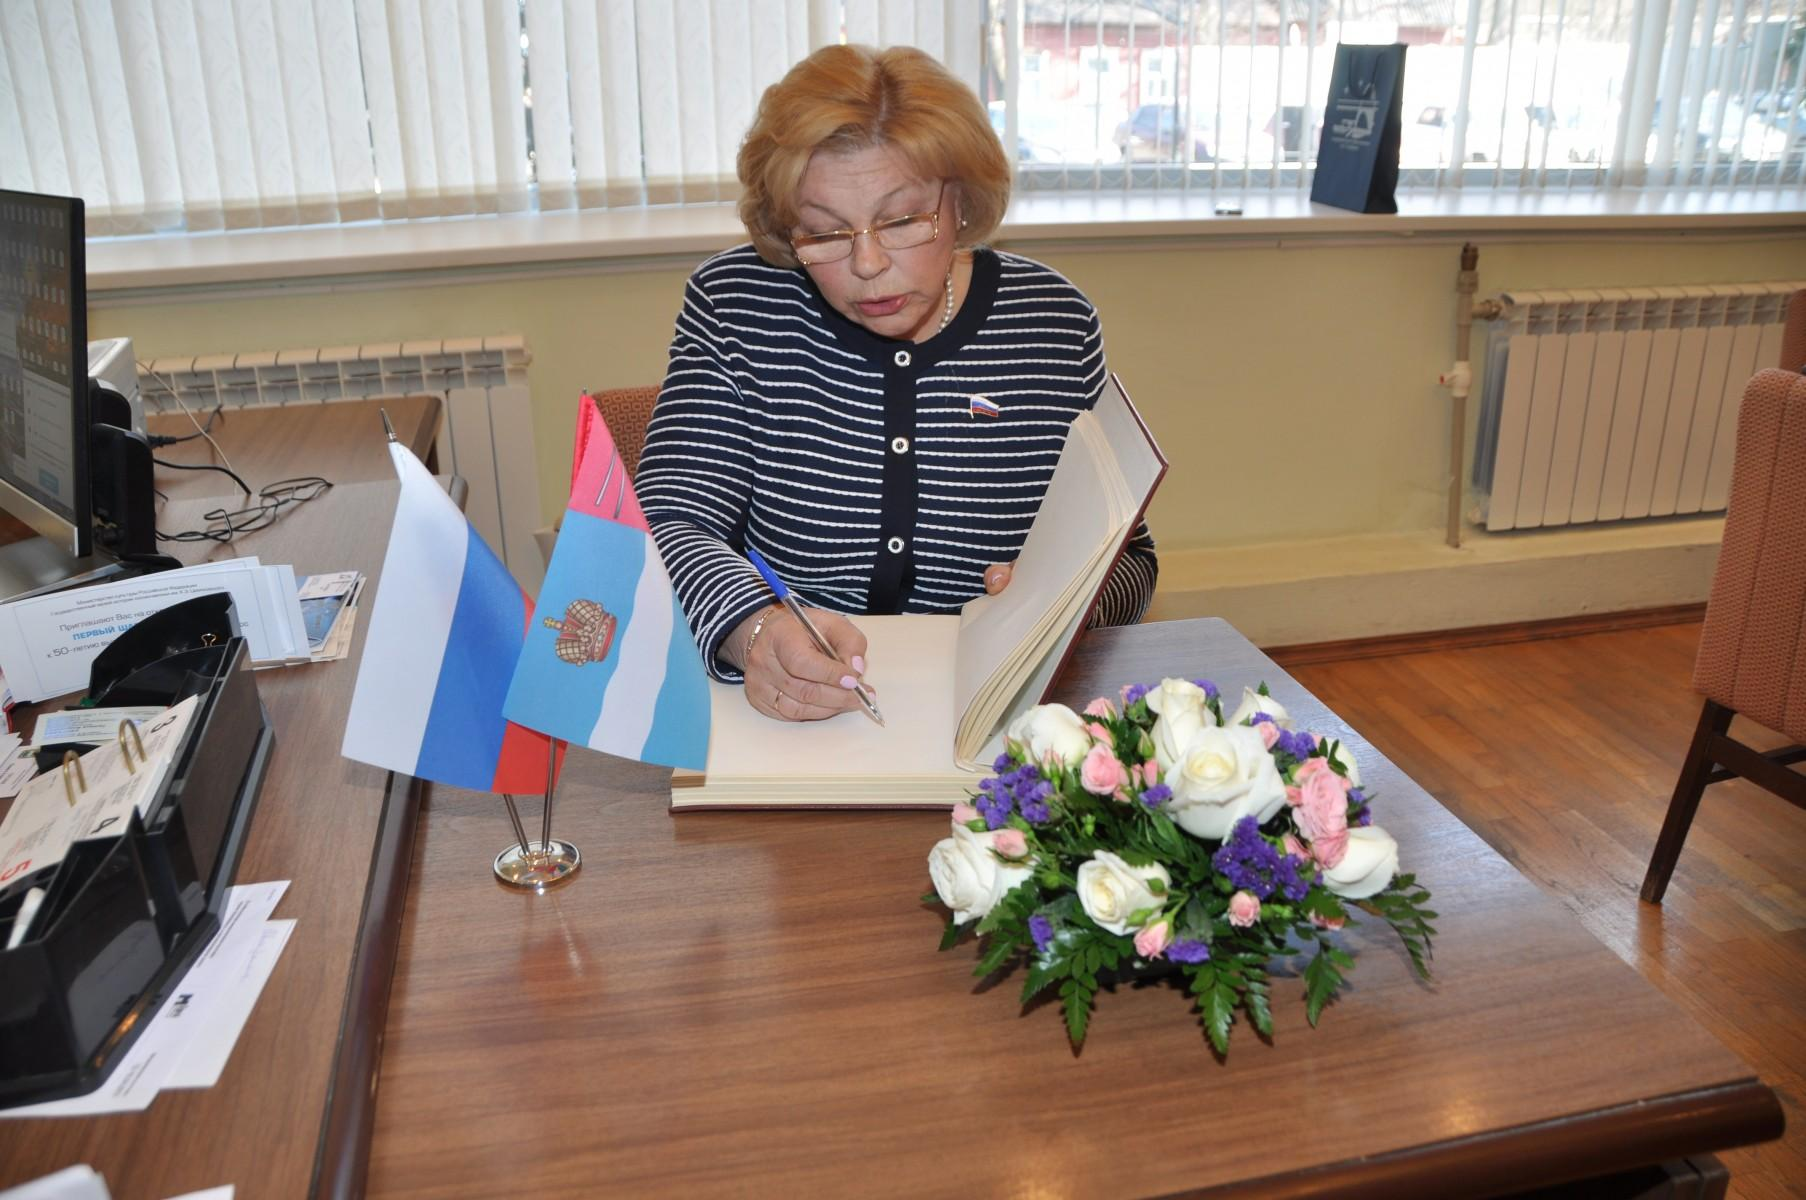 Первый заместитель председателя Комитета по культуре Государственной Думы Елена Григорьевна Драпеко — гость музея. 8 апреля 2015 года